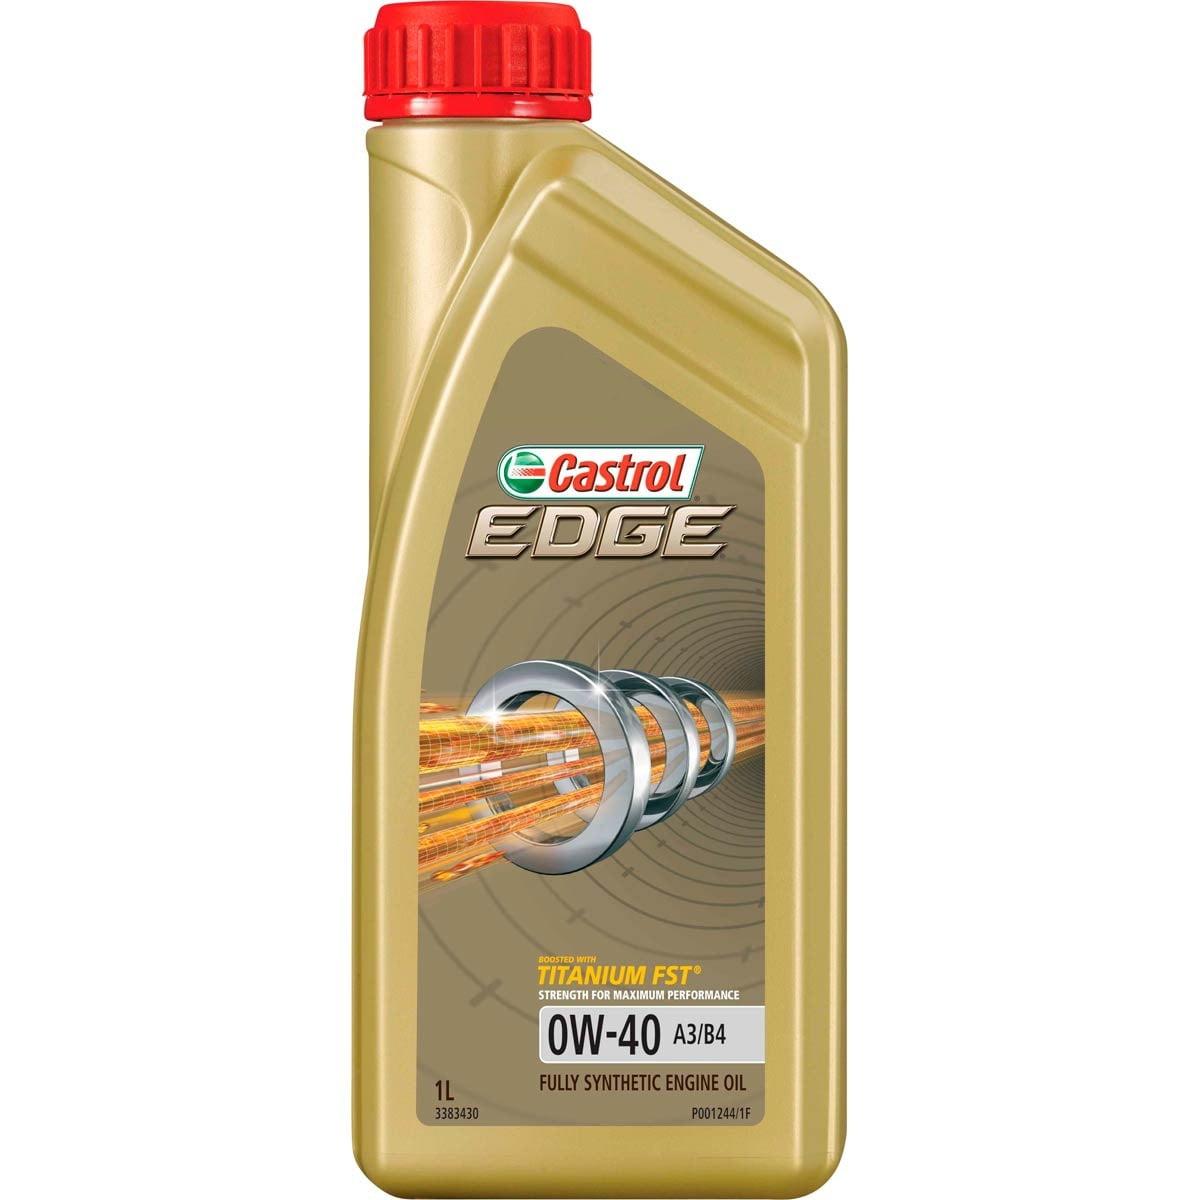 Oleo De Motor 0w40 Castrol Edge Sintético API SN Acea A3/B4 1lt em até 6x sem juros